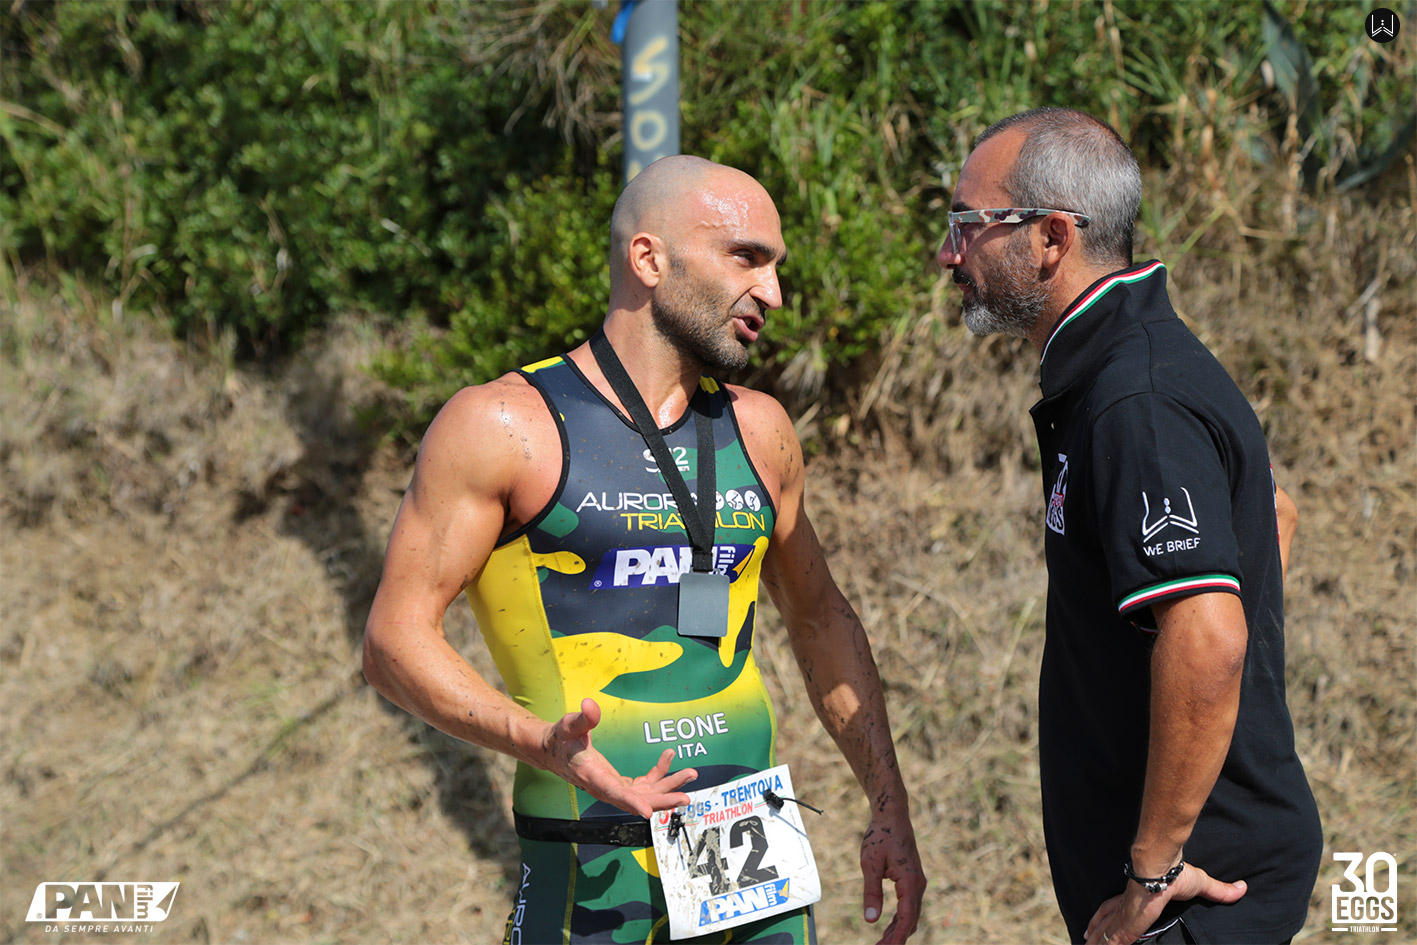 Commenti a caldo - 30EGGS Triathlon Cross Super Sprint